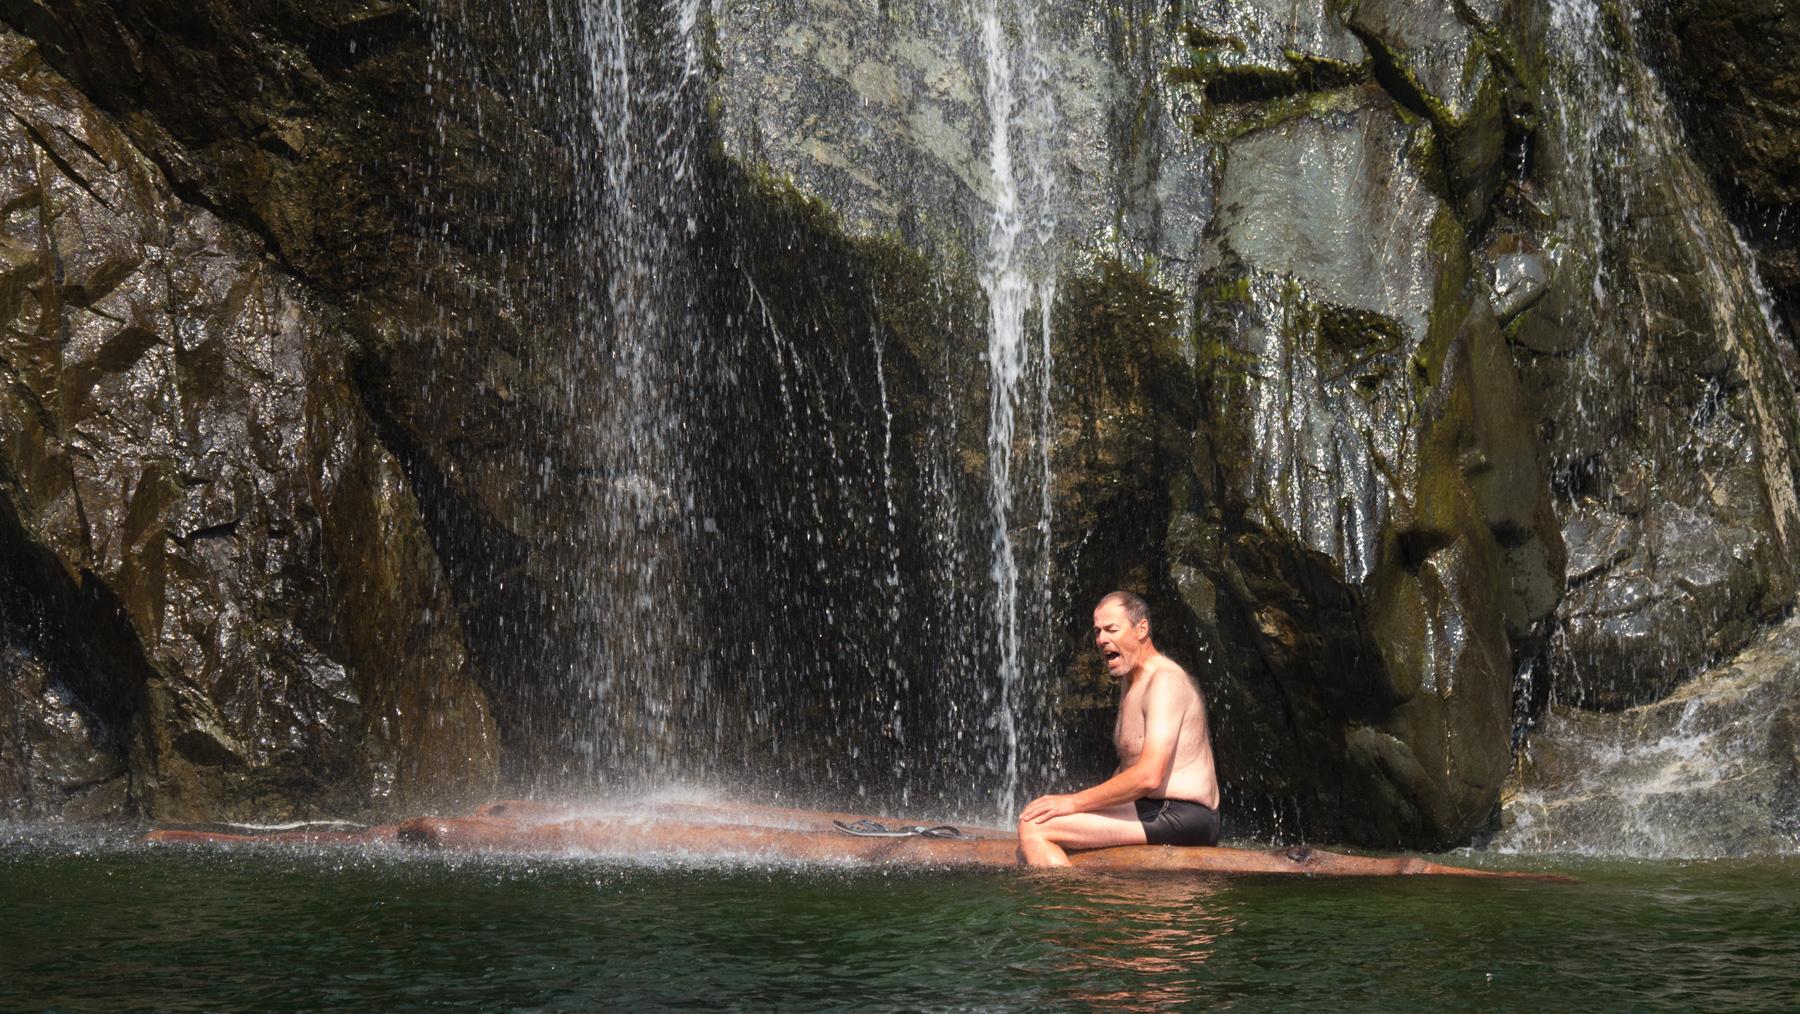 Georg genießt das herrliche Wasser